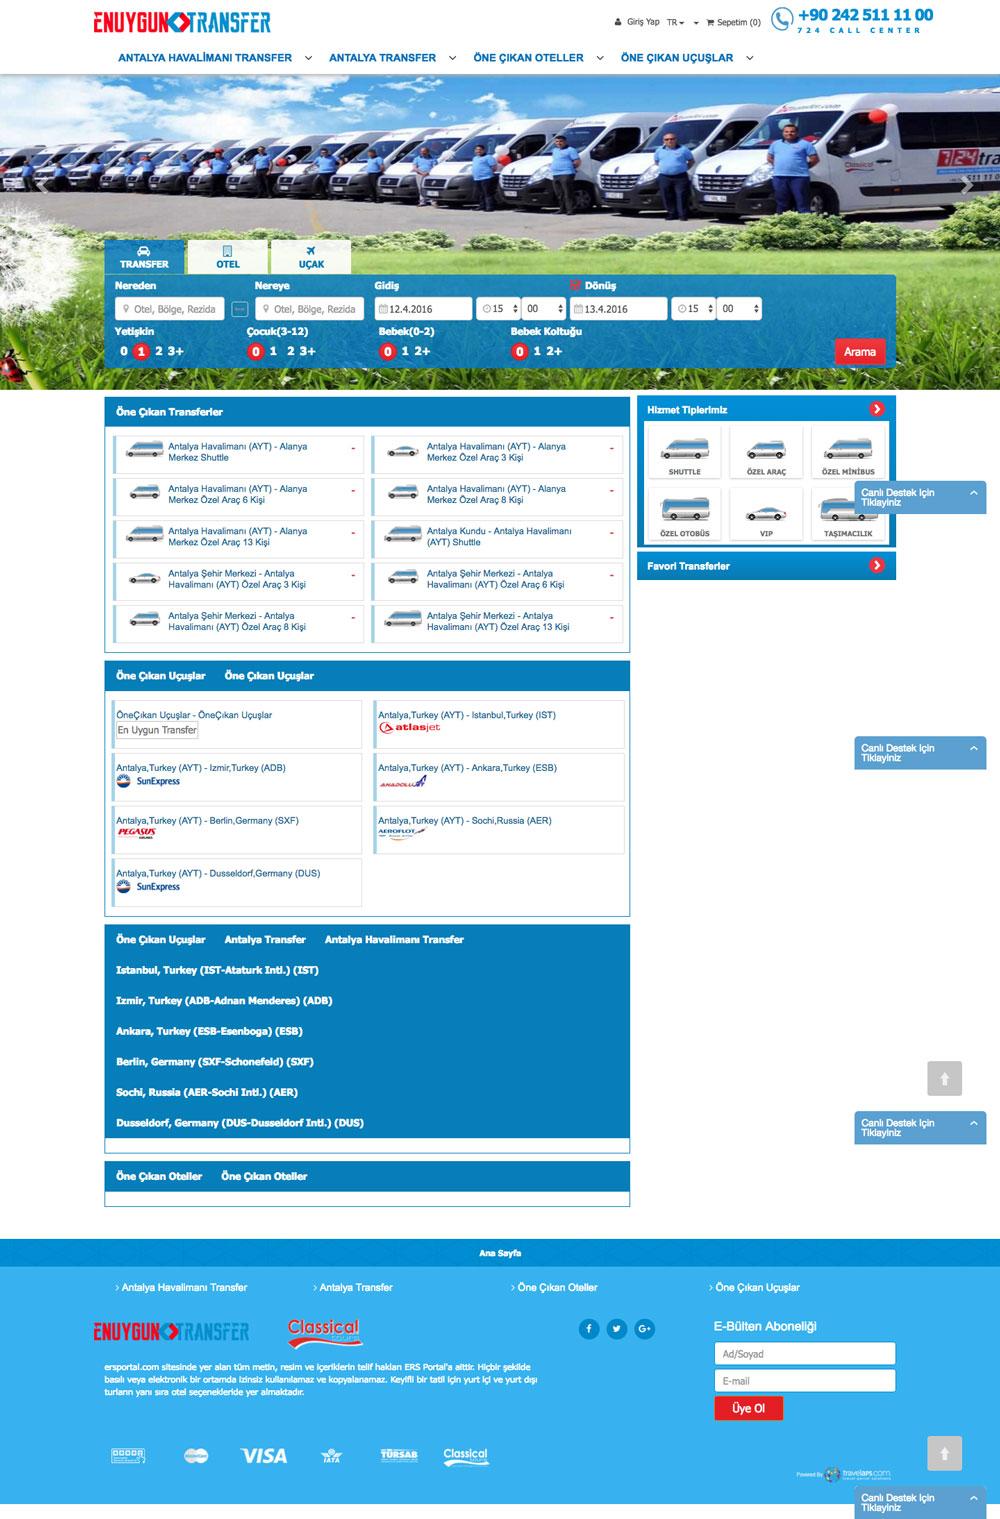 www.enuyguntransfer.com